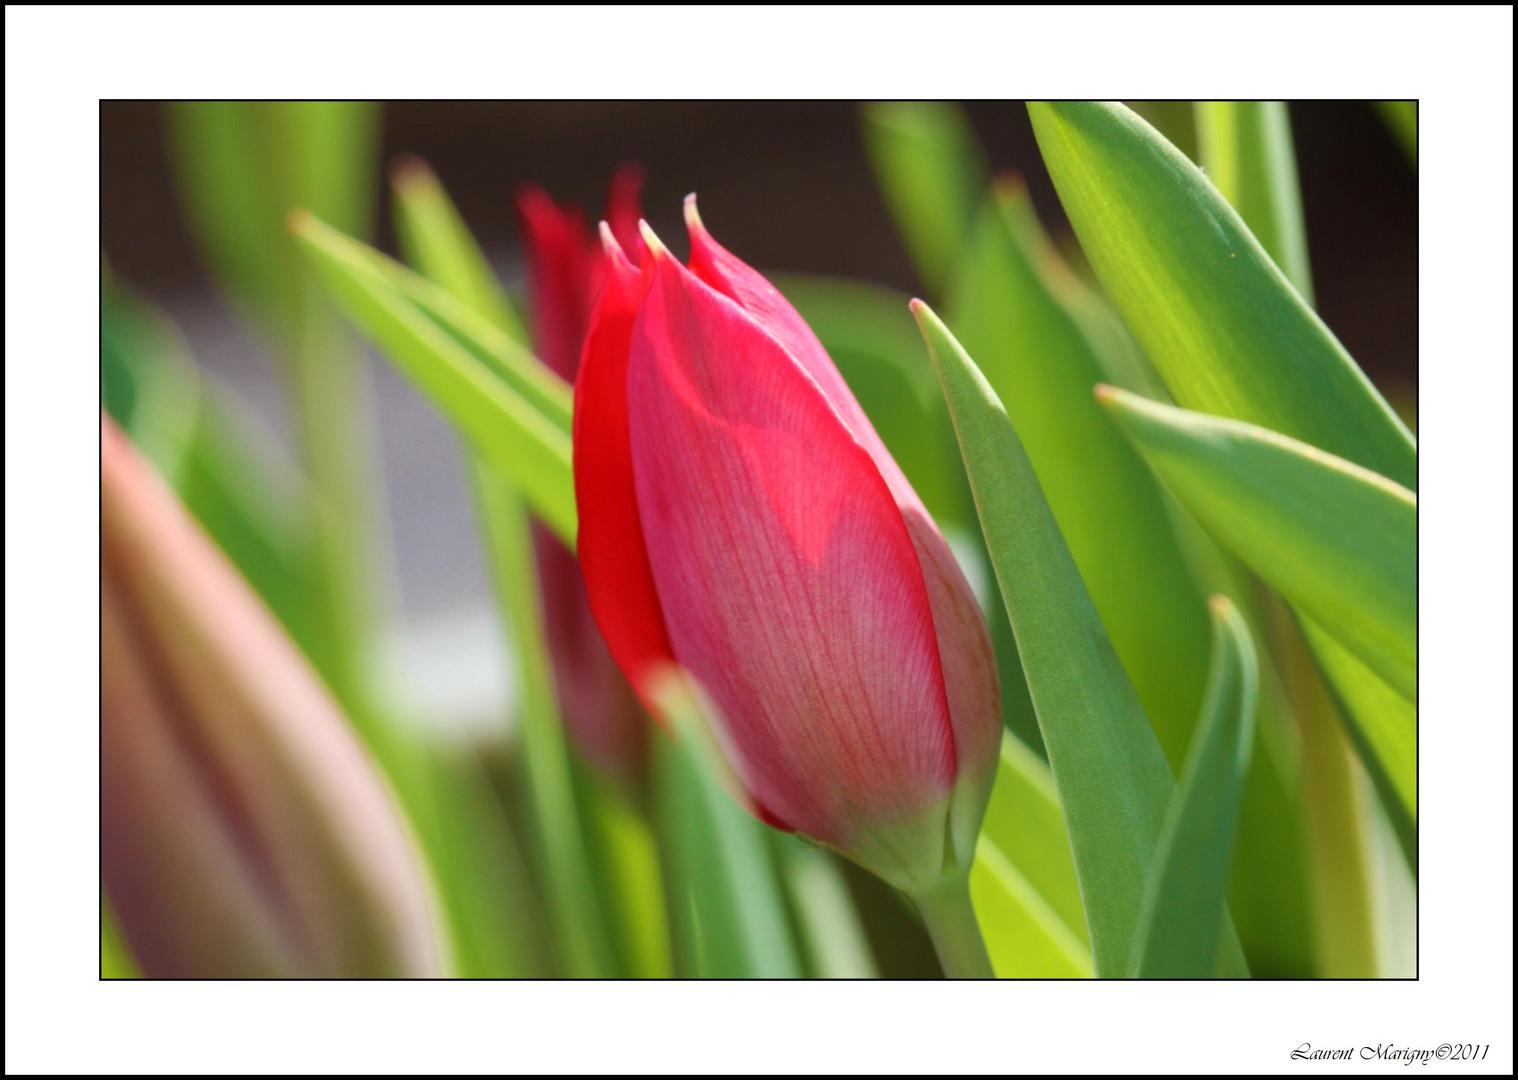 Bébé tulipe.